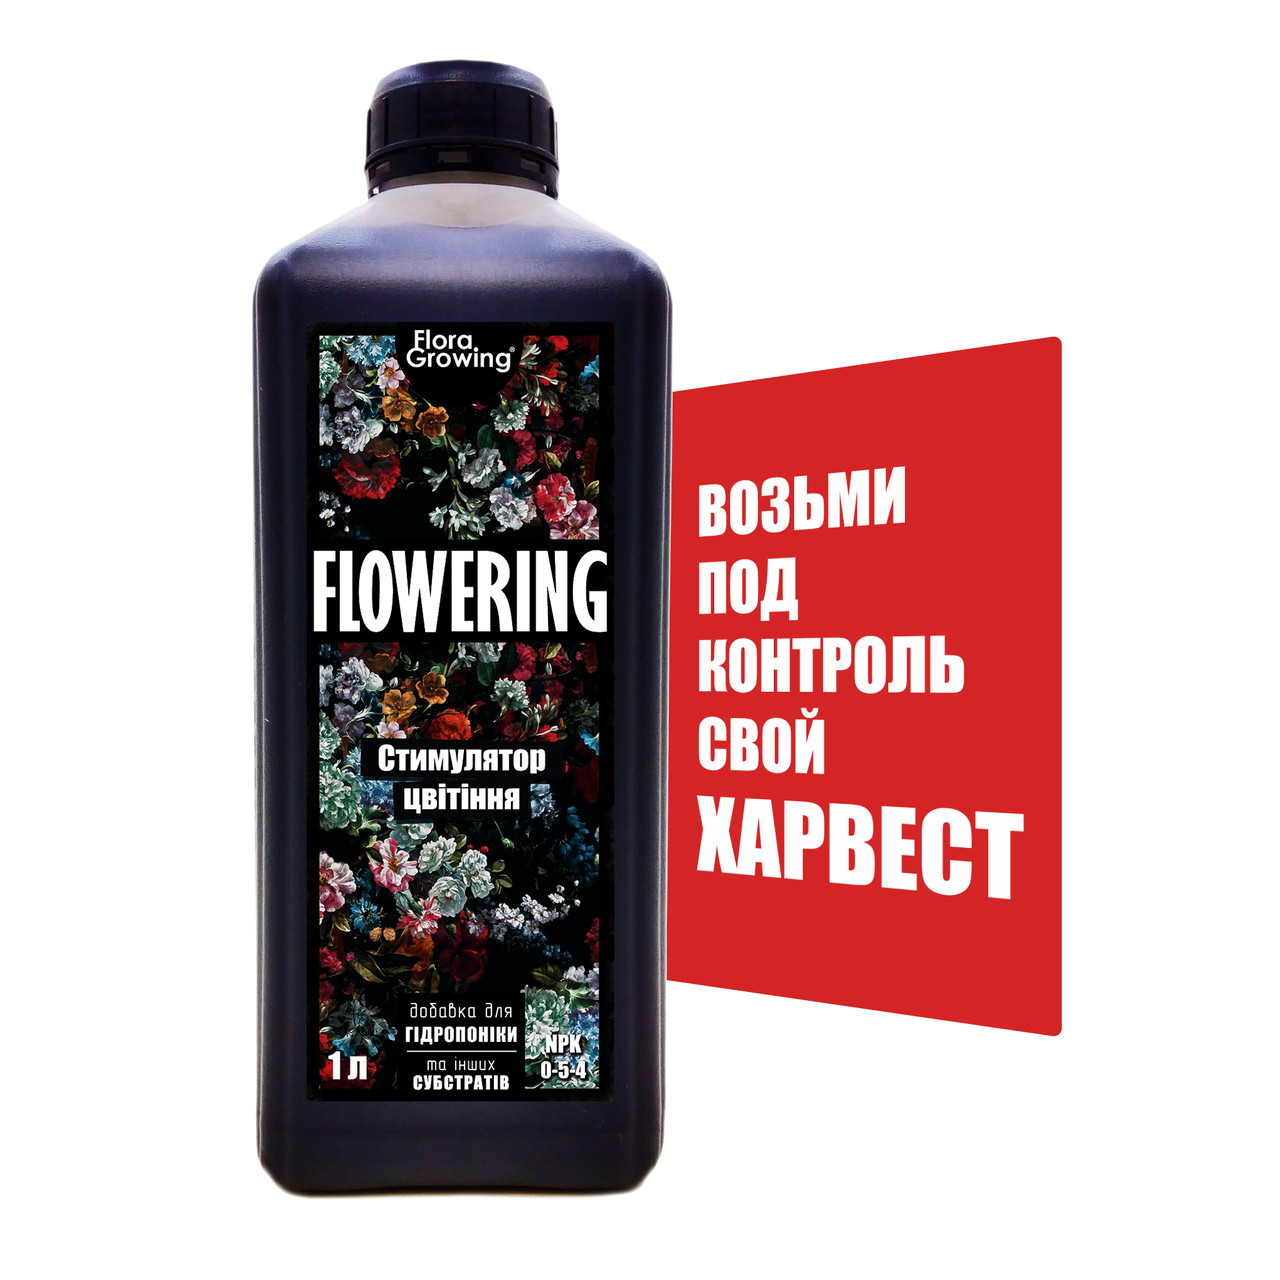 1 л Flowering - Стимулятор цветения для гидропоники и почвы аналог Ripen